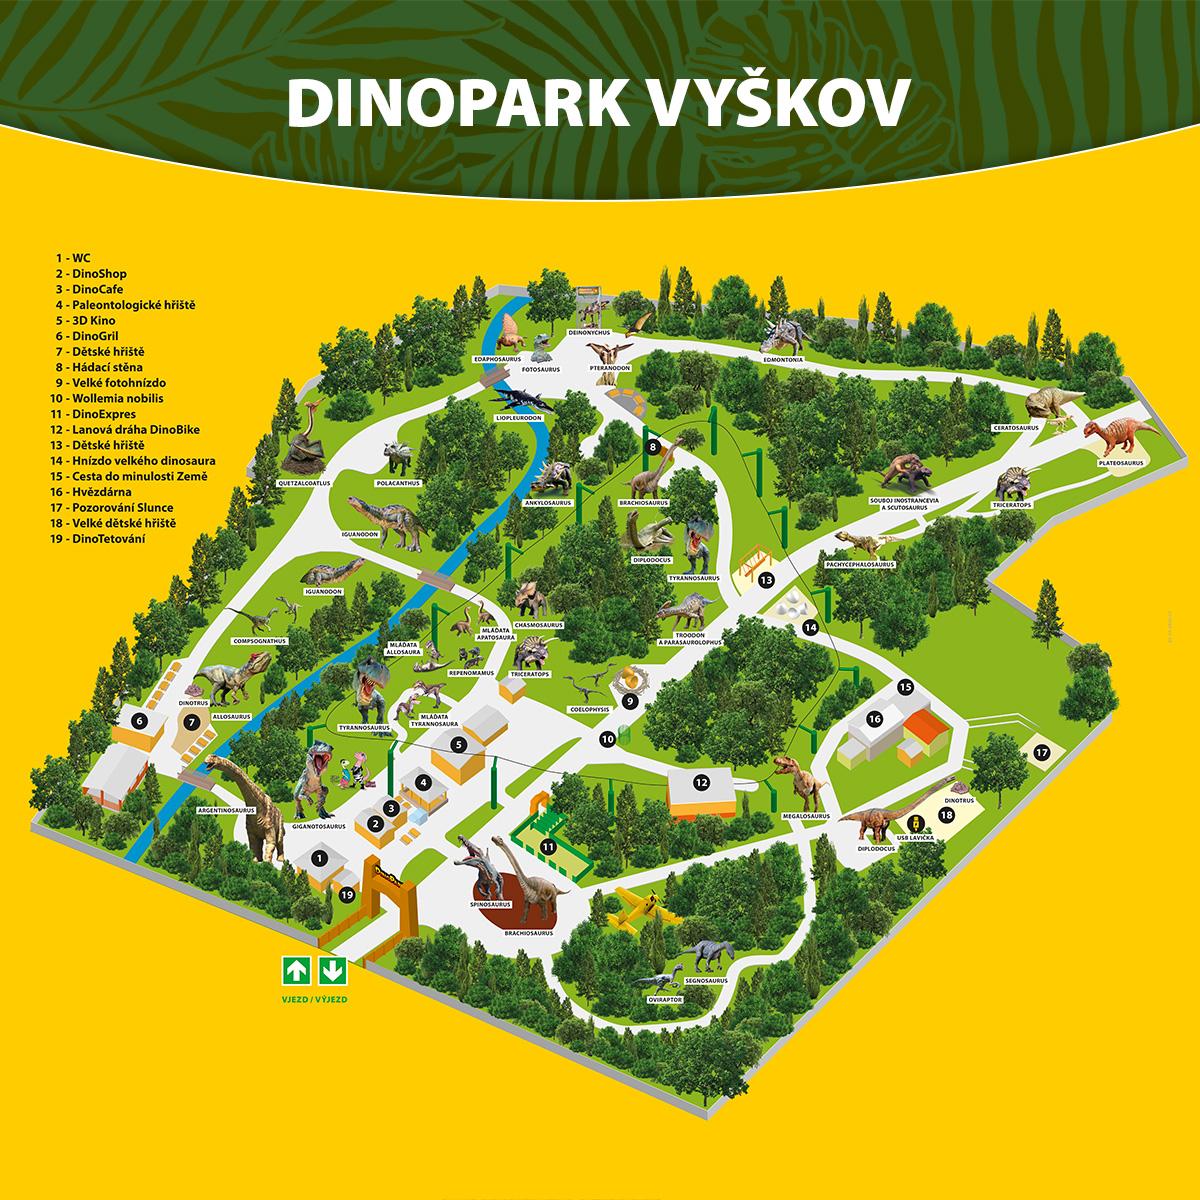 Dinopark Zoo Vyskov